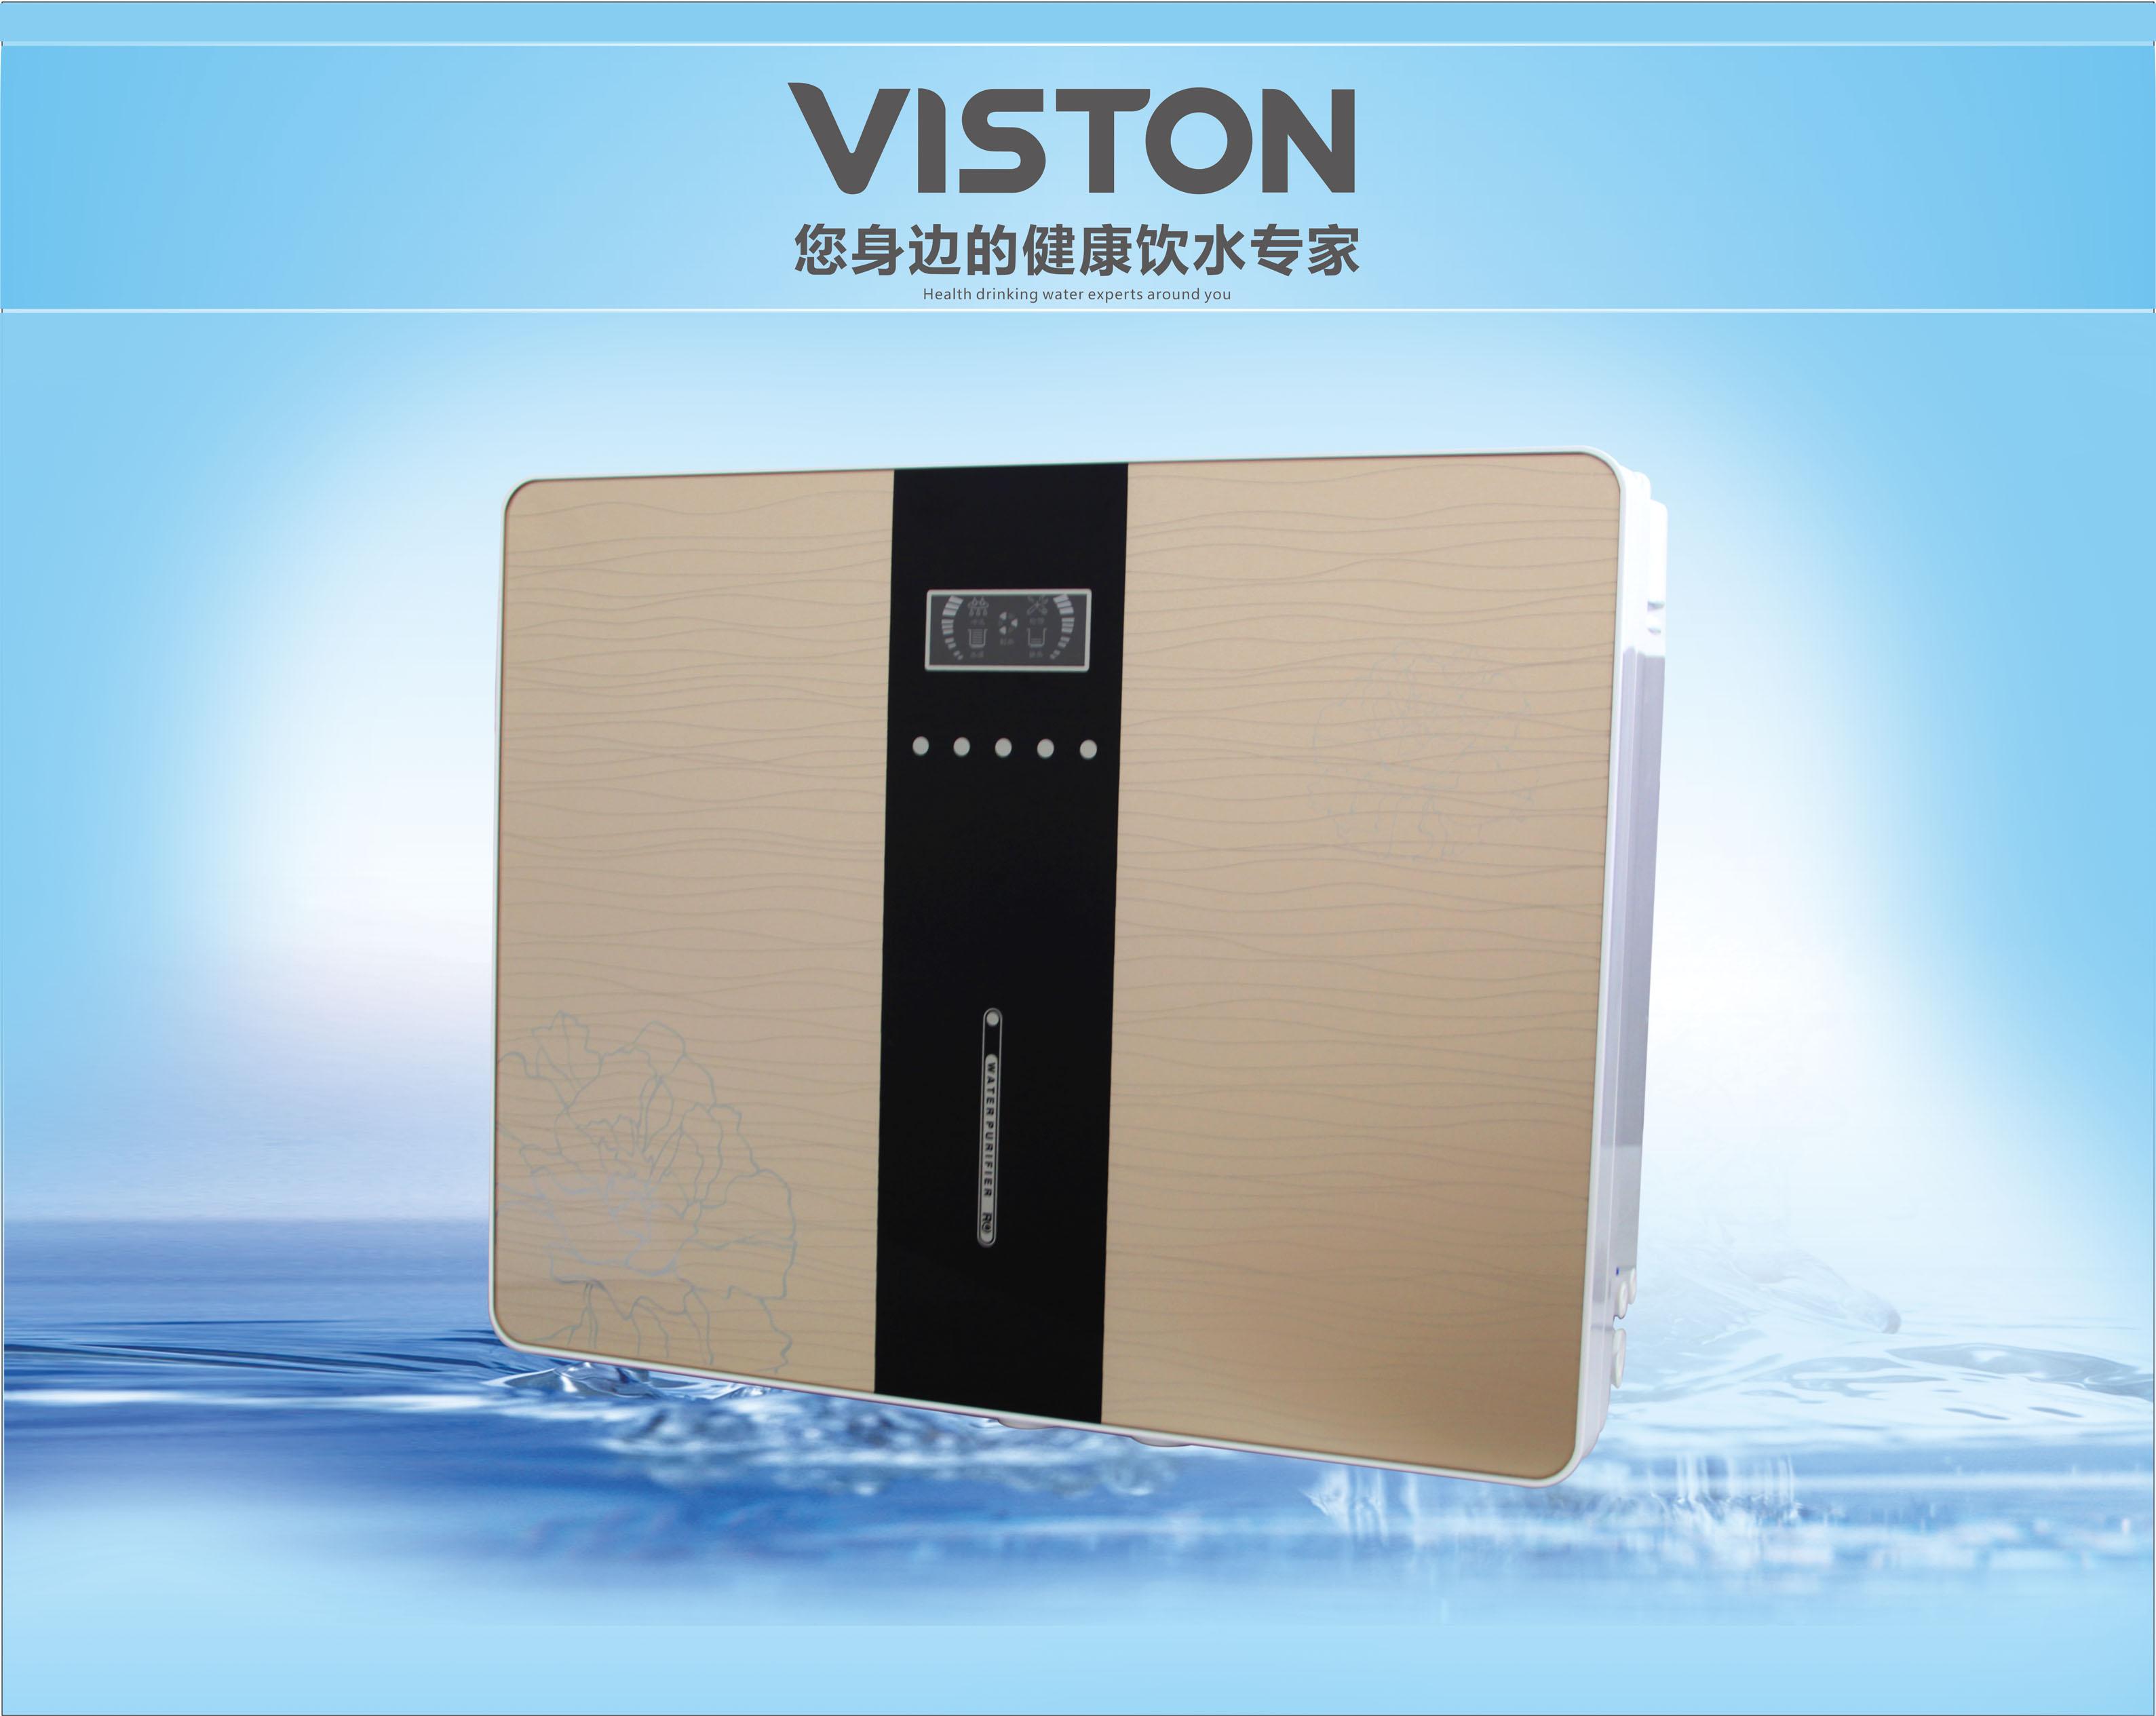 家用纯水机VST-RO75-0052B